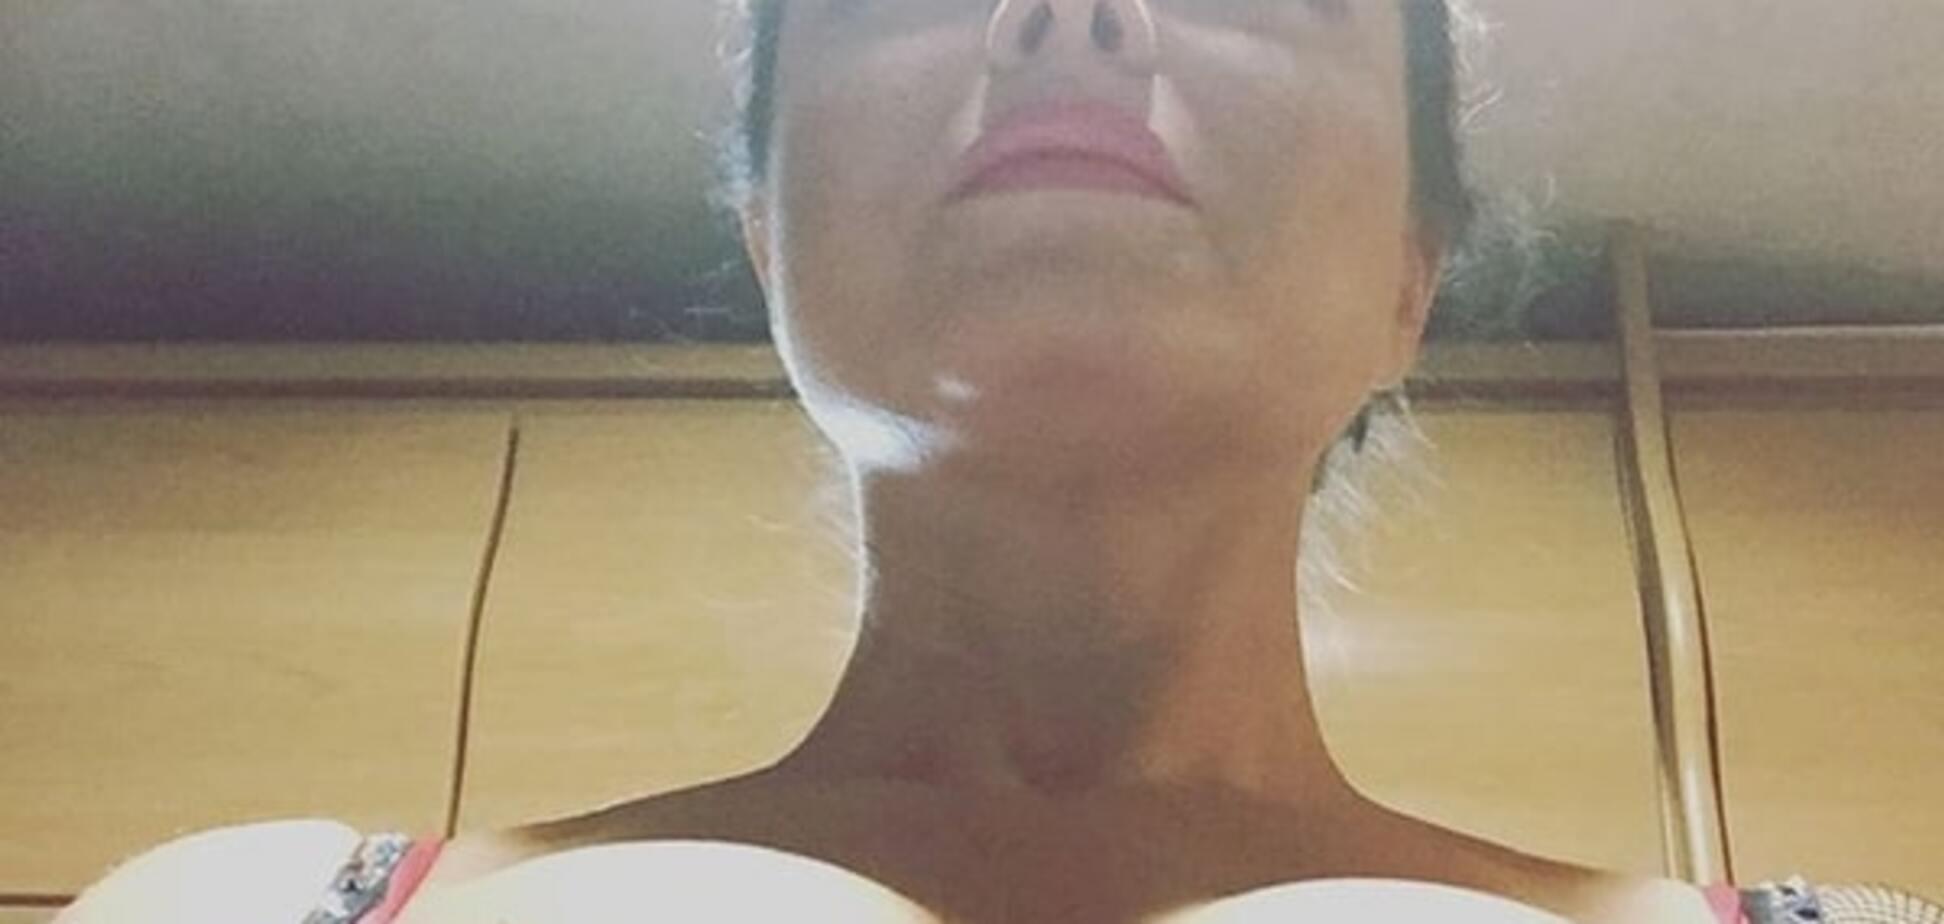 Наташа Королева заработала 'неплохие деньги' снимком своей обнаженной груди